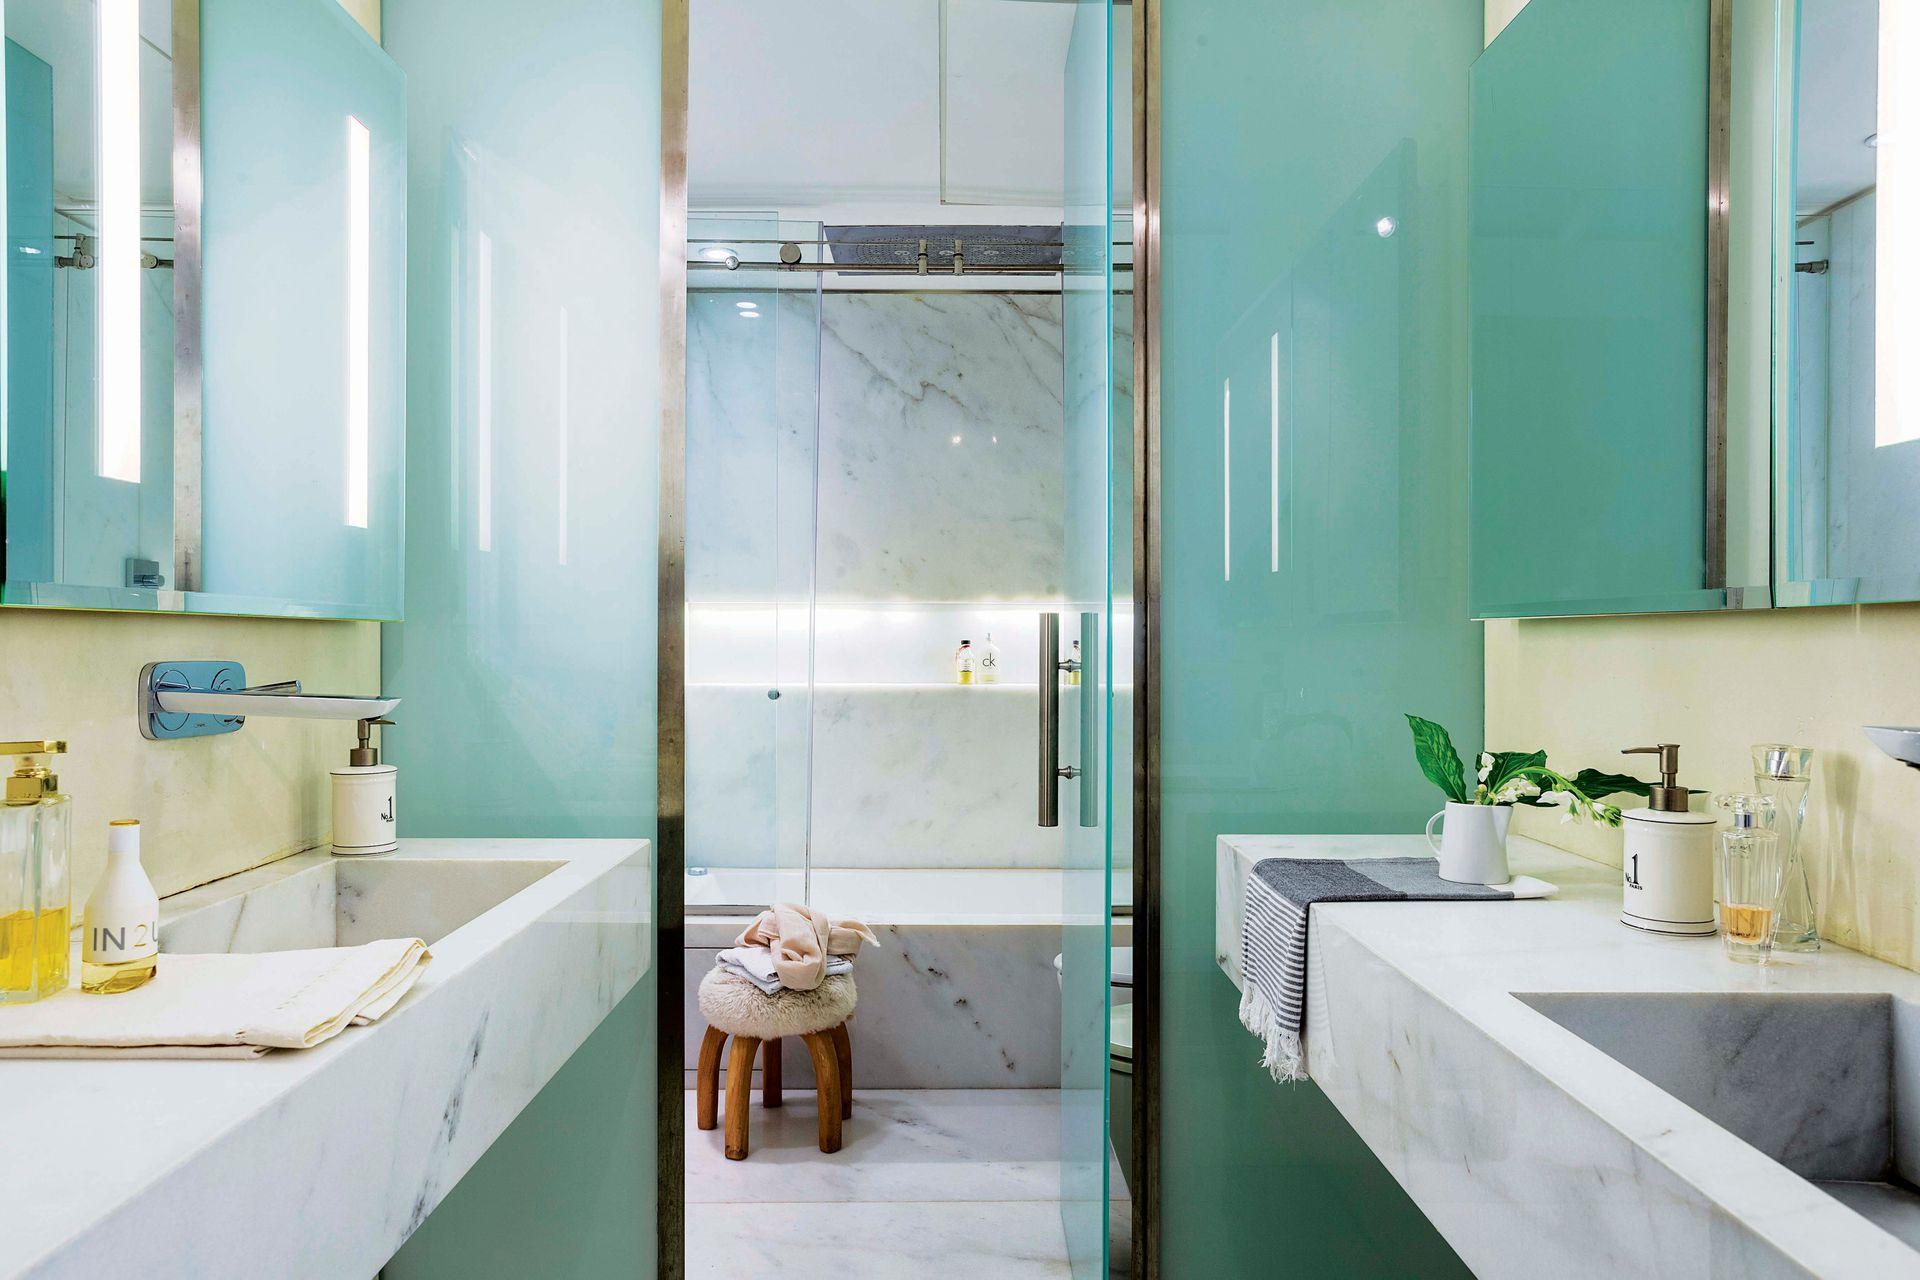 El baño de la suite tiene mesadas y revestimiento de mármol (Oscar Revestimientos), grifería cromada (Hansgrohe) y mampara de vidrio (Centro Cristales).